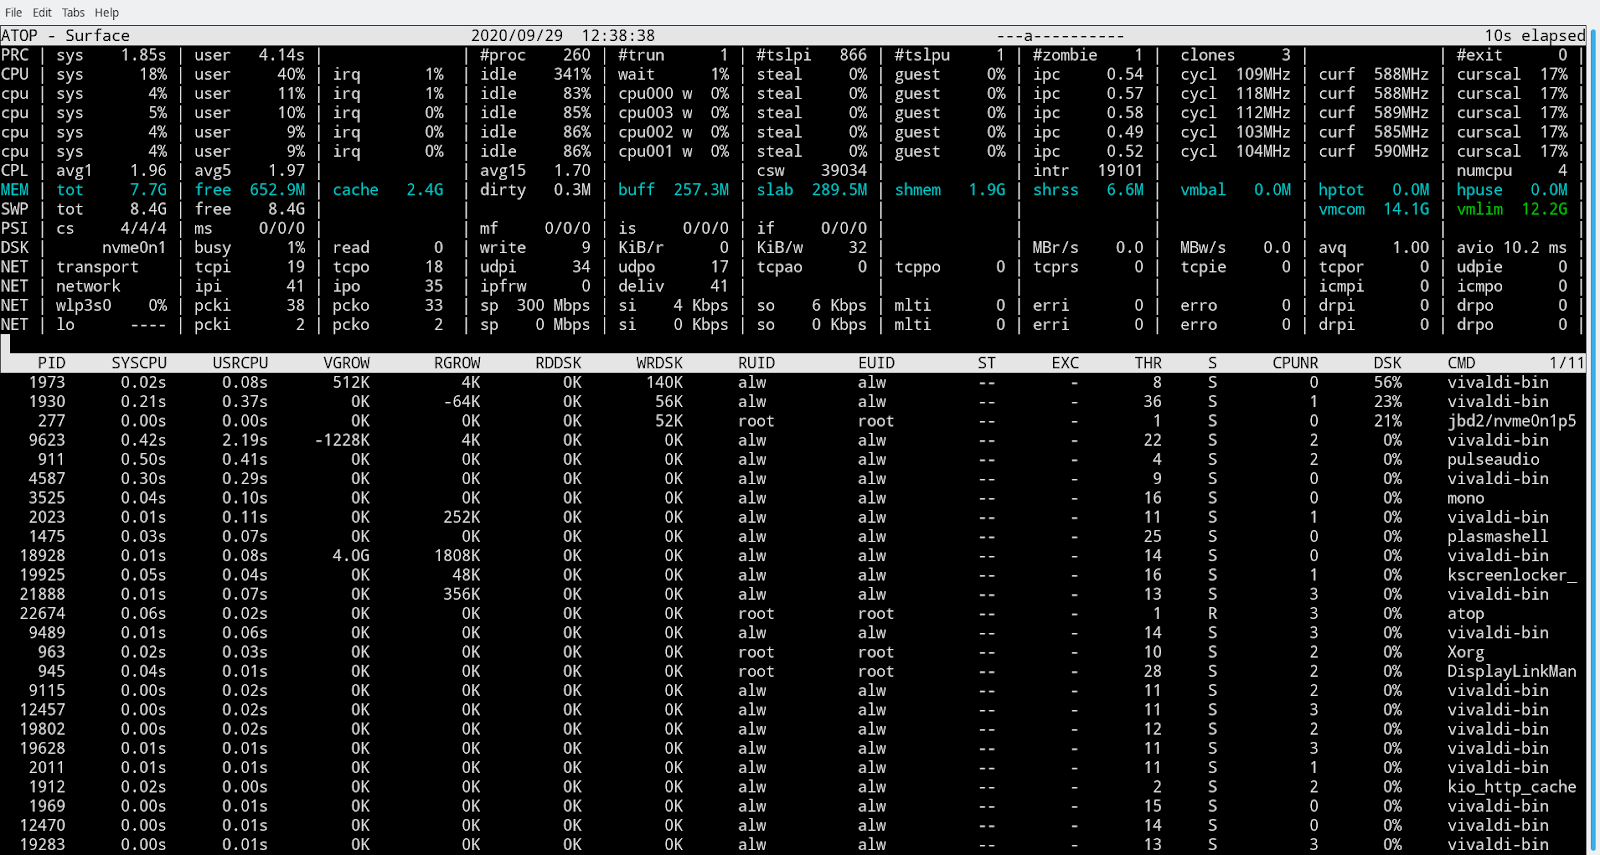 Кунг-фу стиля Linux: мониторинг дисковой подсистемы - 6